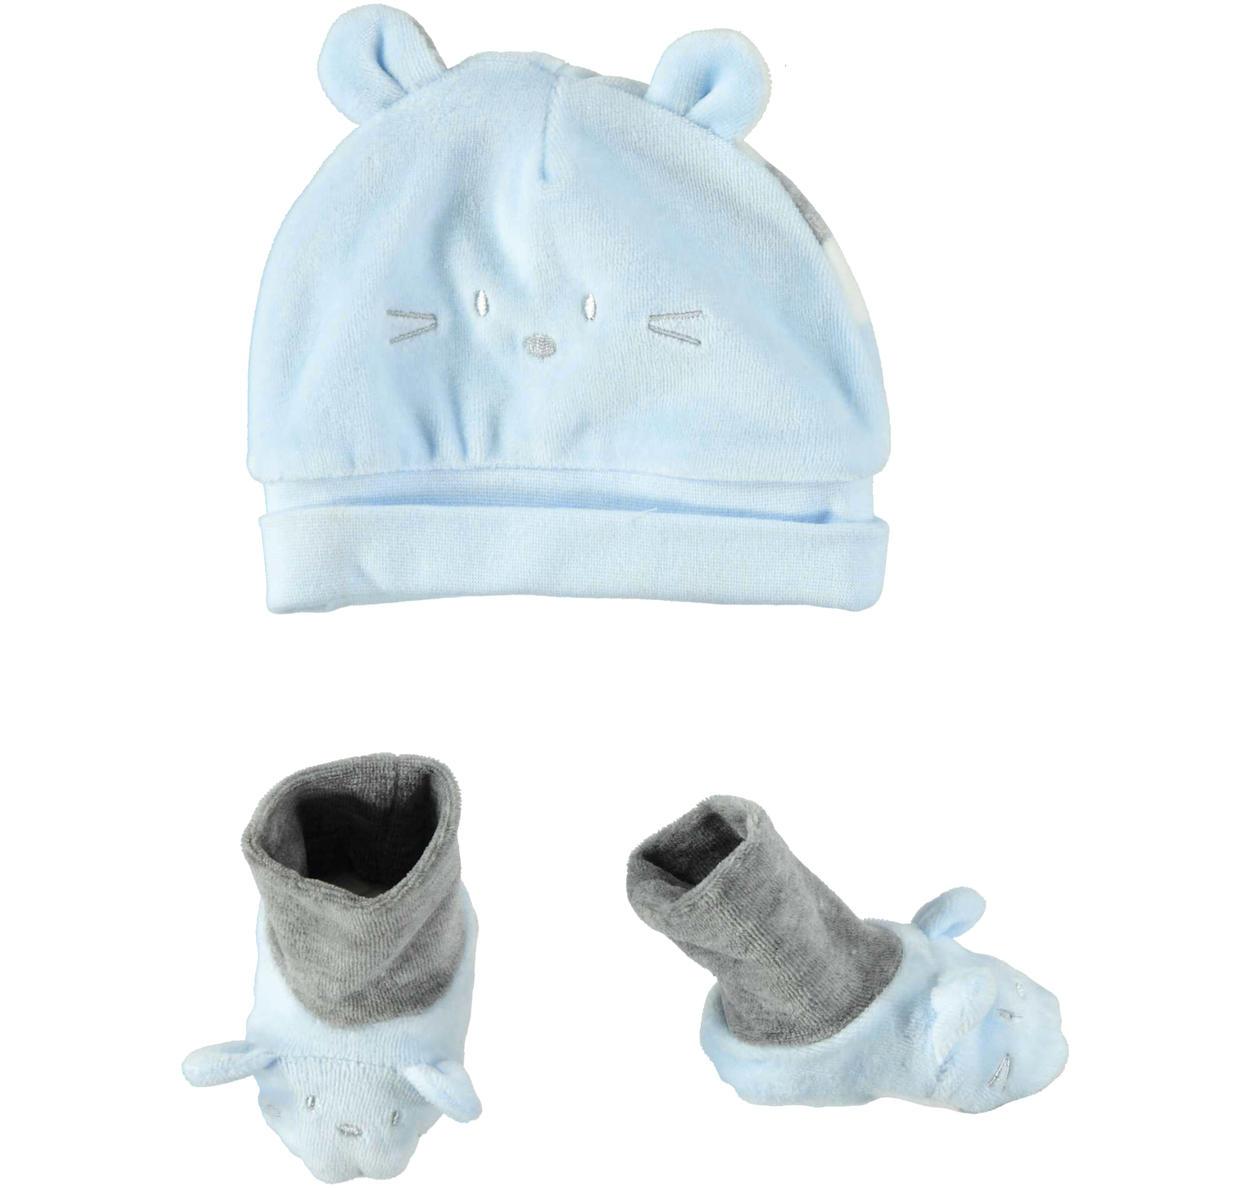 Grazioso kit unisex cappellino a cuffia e babbucce in morbida ciniglia per  neonati da 0 a 24 mesi Minibanda. ROSA-2711. SKY-5818. 02f85bcd59ad